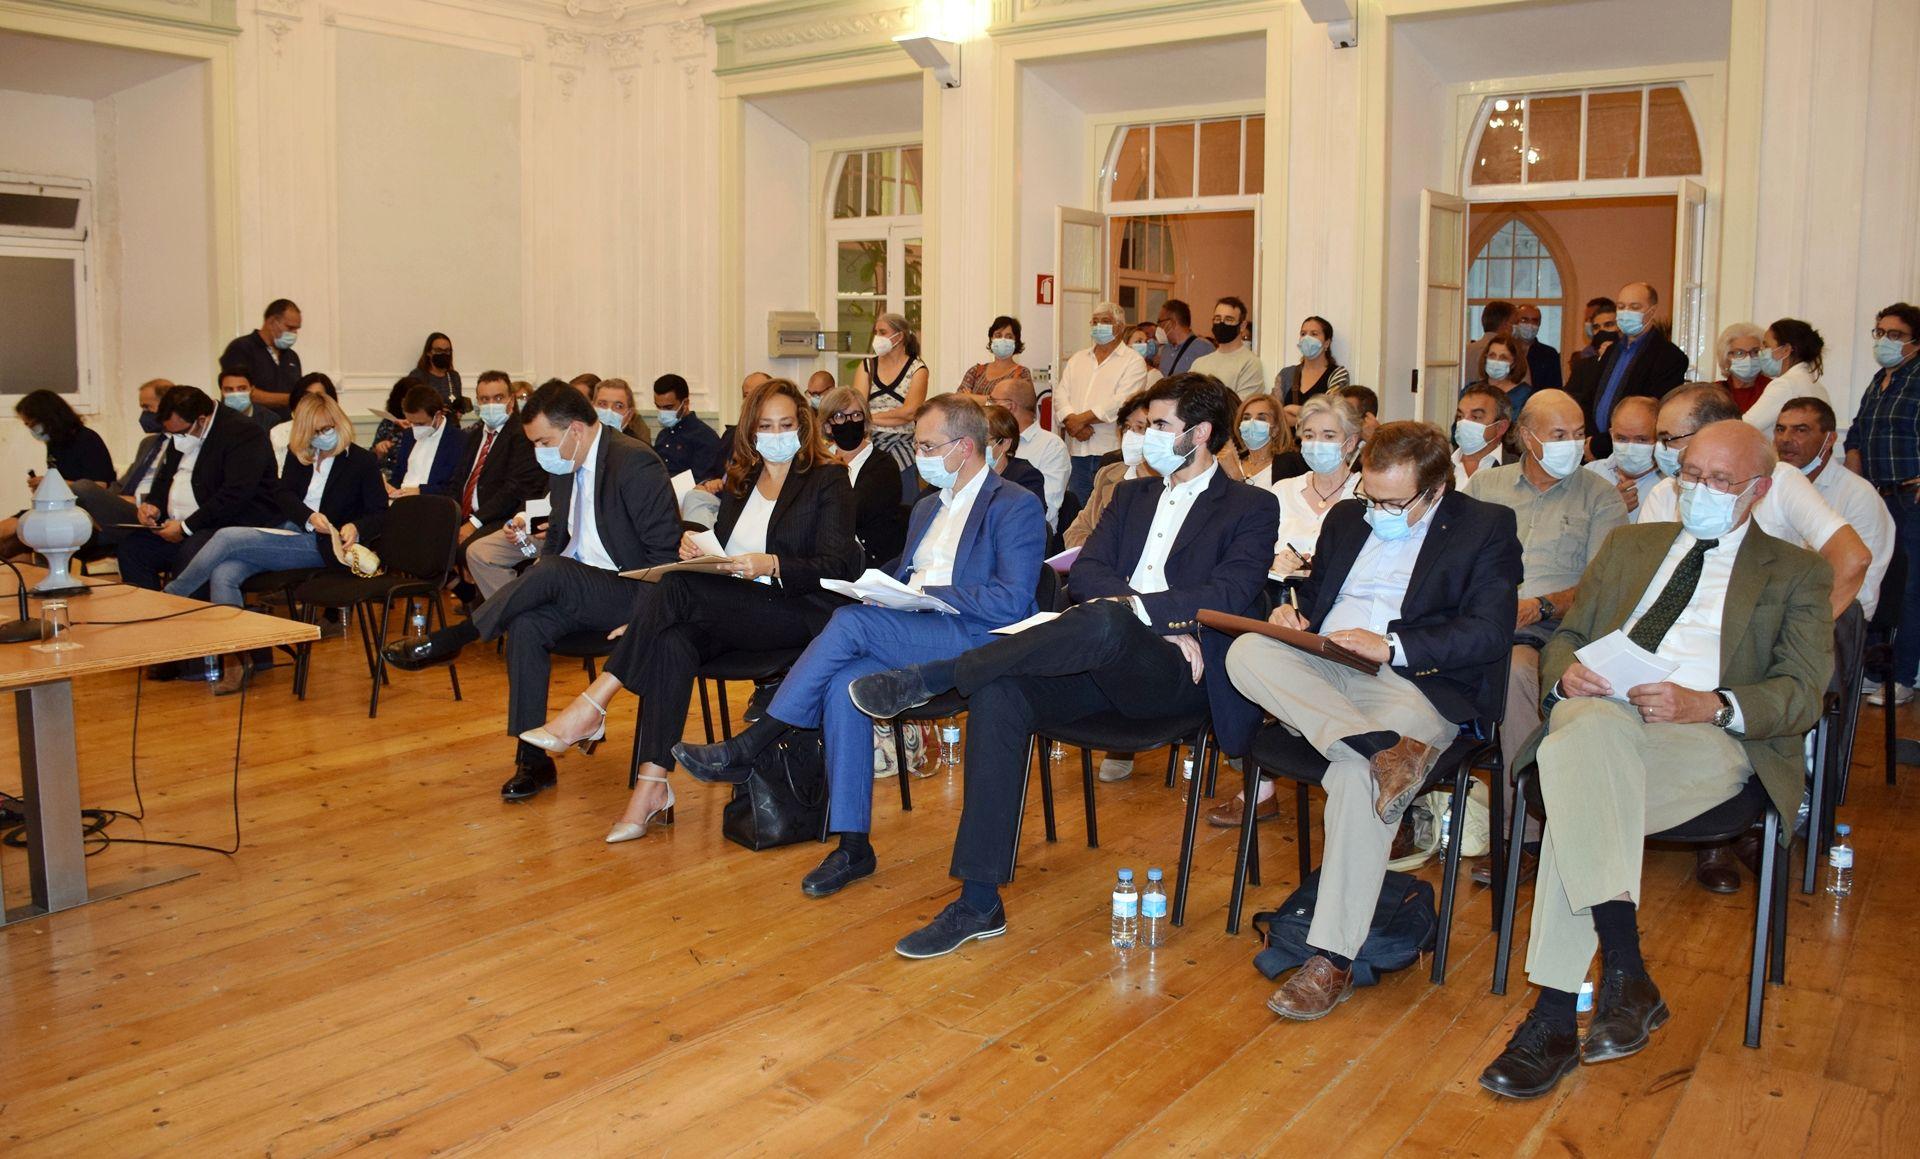 Eleitos Municipais de Évora tomaram posse e realizaram primeira sessão da Assembleia